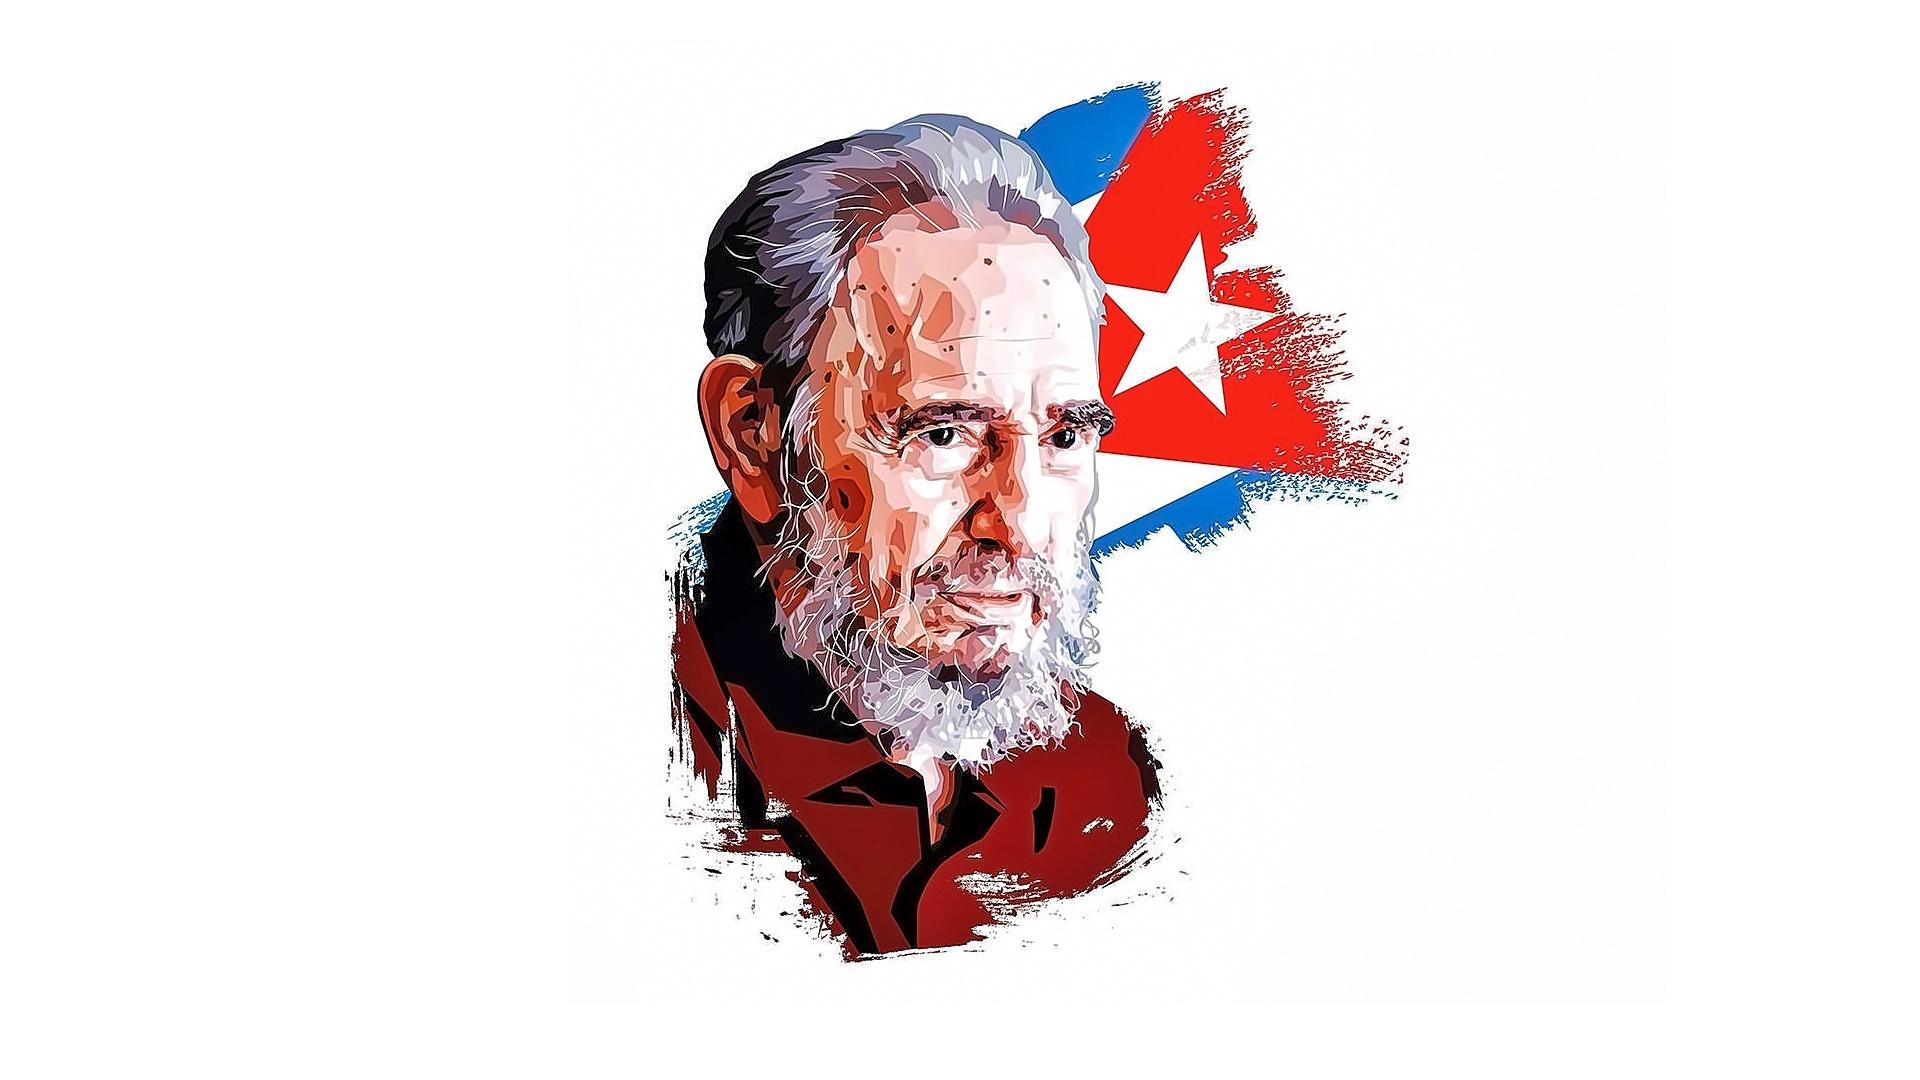 castro background Fidel castro, actor: araaayyyyy fidel alejandro castro ruz was born in birán, holguin province, cuba, the fifth of nine children of Ángel maría bautista castro y argiz, a plantation owner originally from galicia, spain, who operated a plantation in cuba's oriente province.